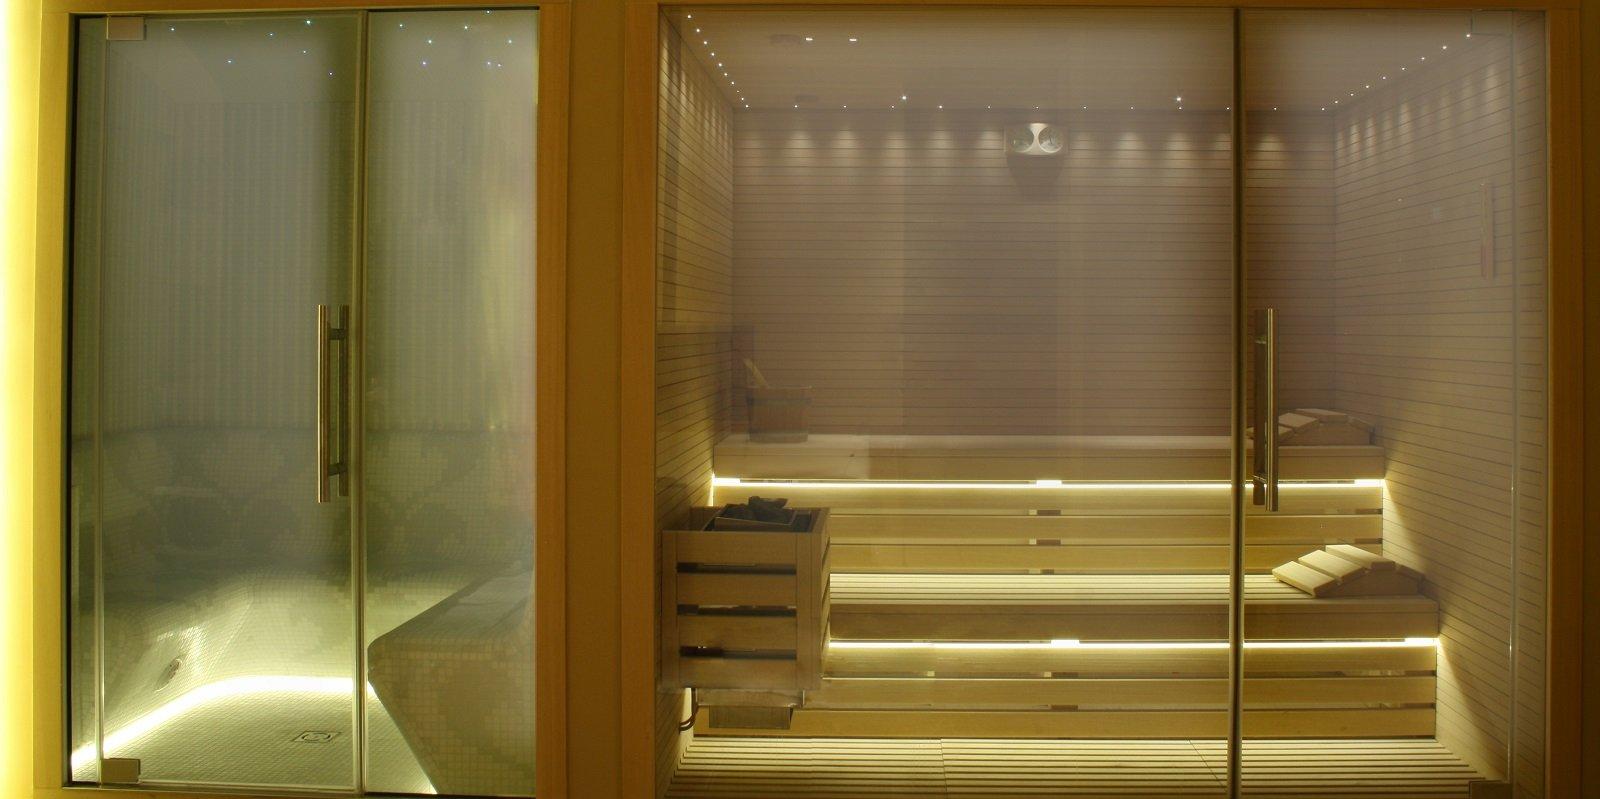 Bagno turco la tua casa per il tuo benessere cose di casa - Il bagno turco trailer ...